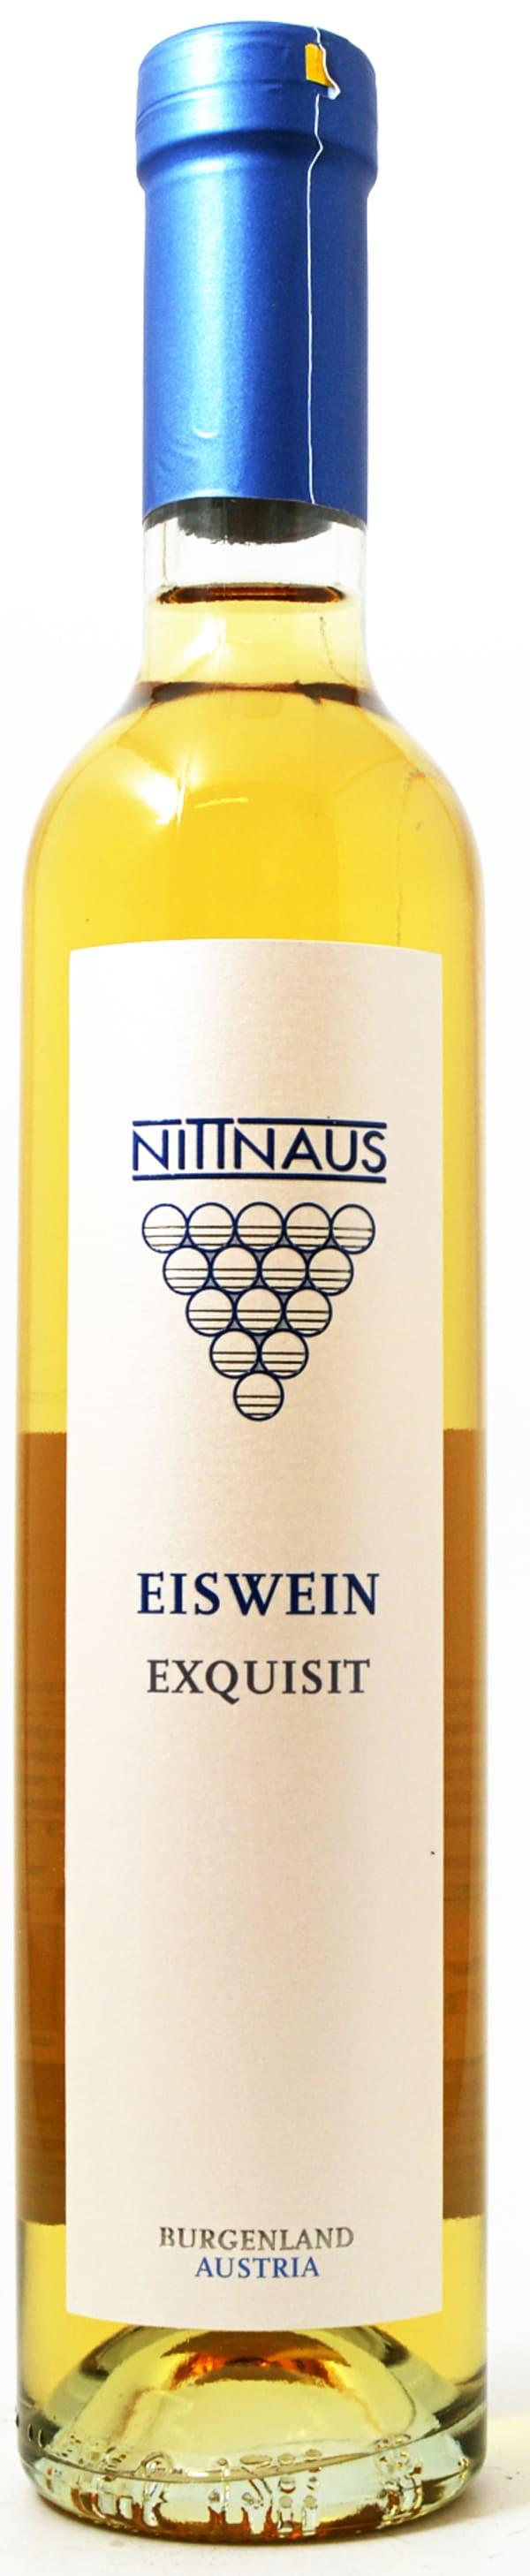 Nittnaus Eiswein Exquisit 2019